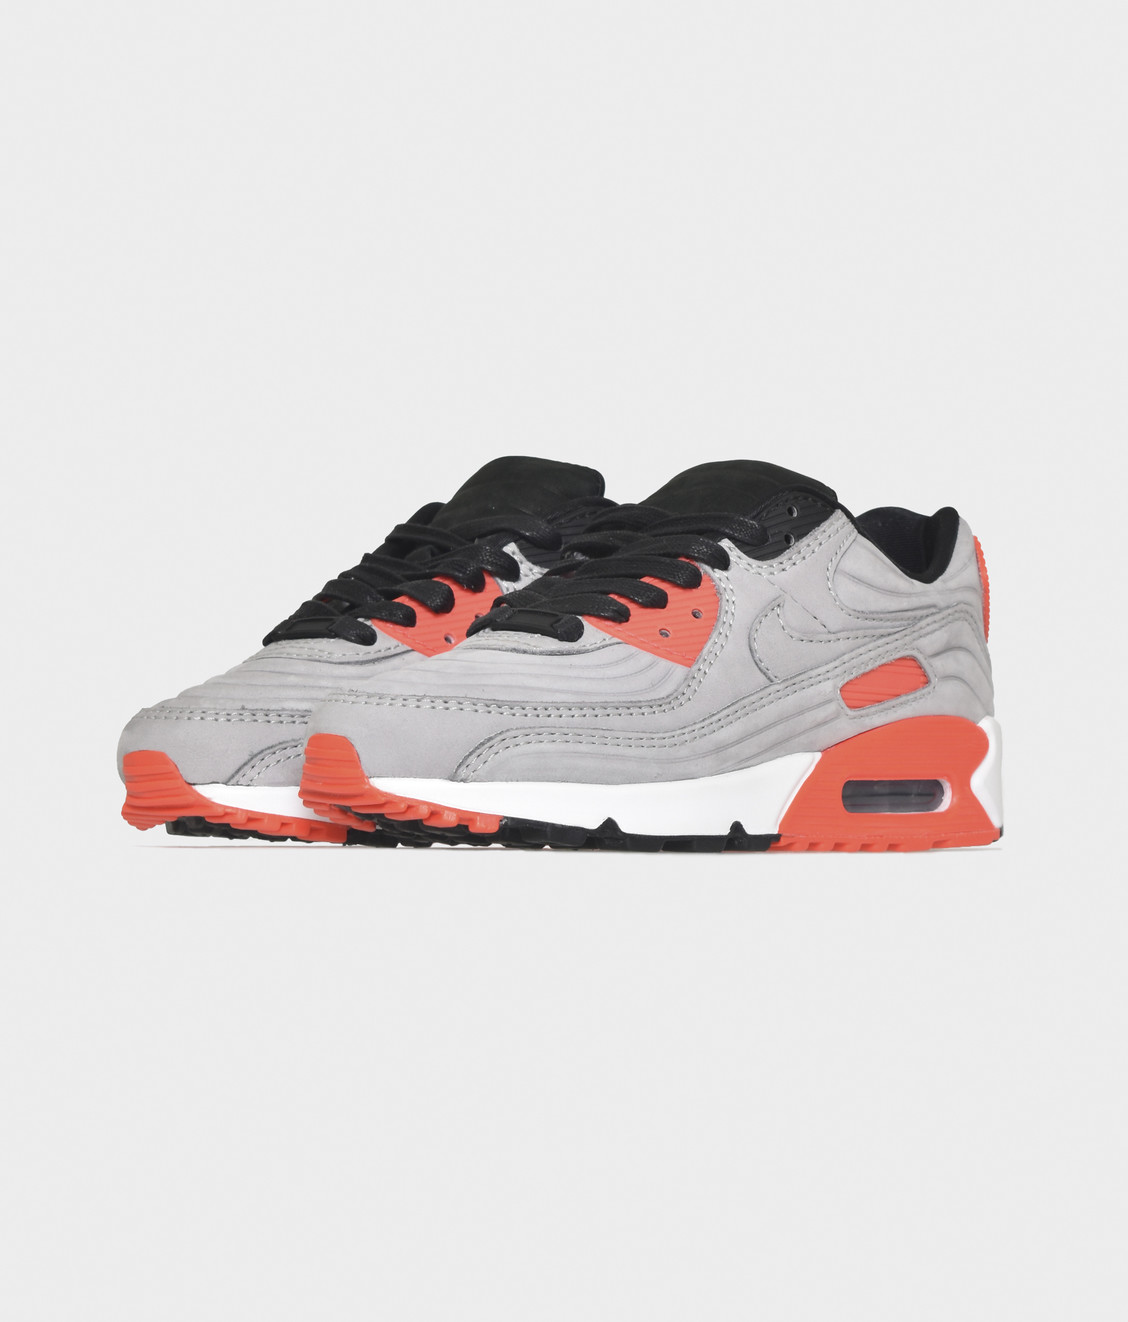 Nike Nike Air Max 90 QS Night Silver/Bright Crimson